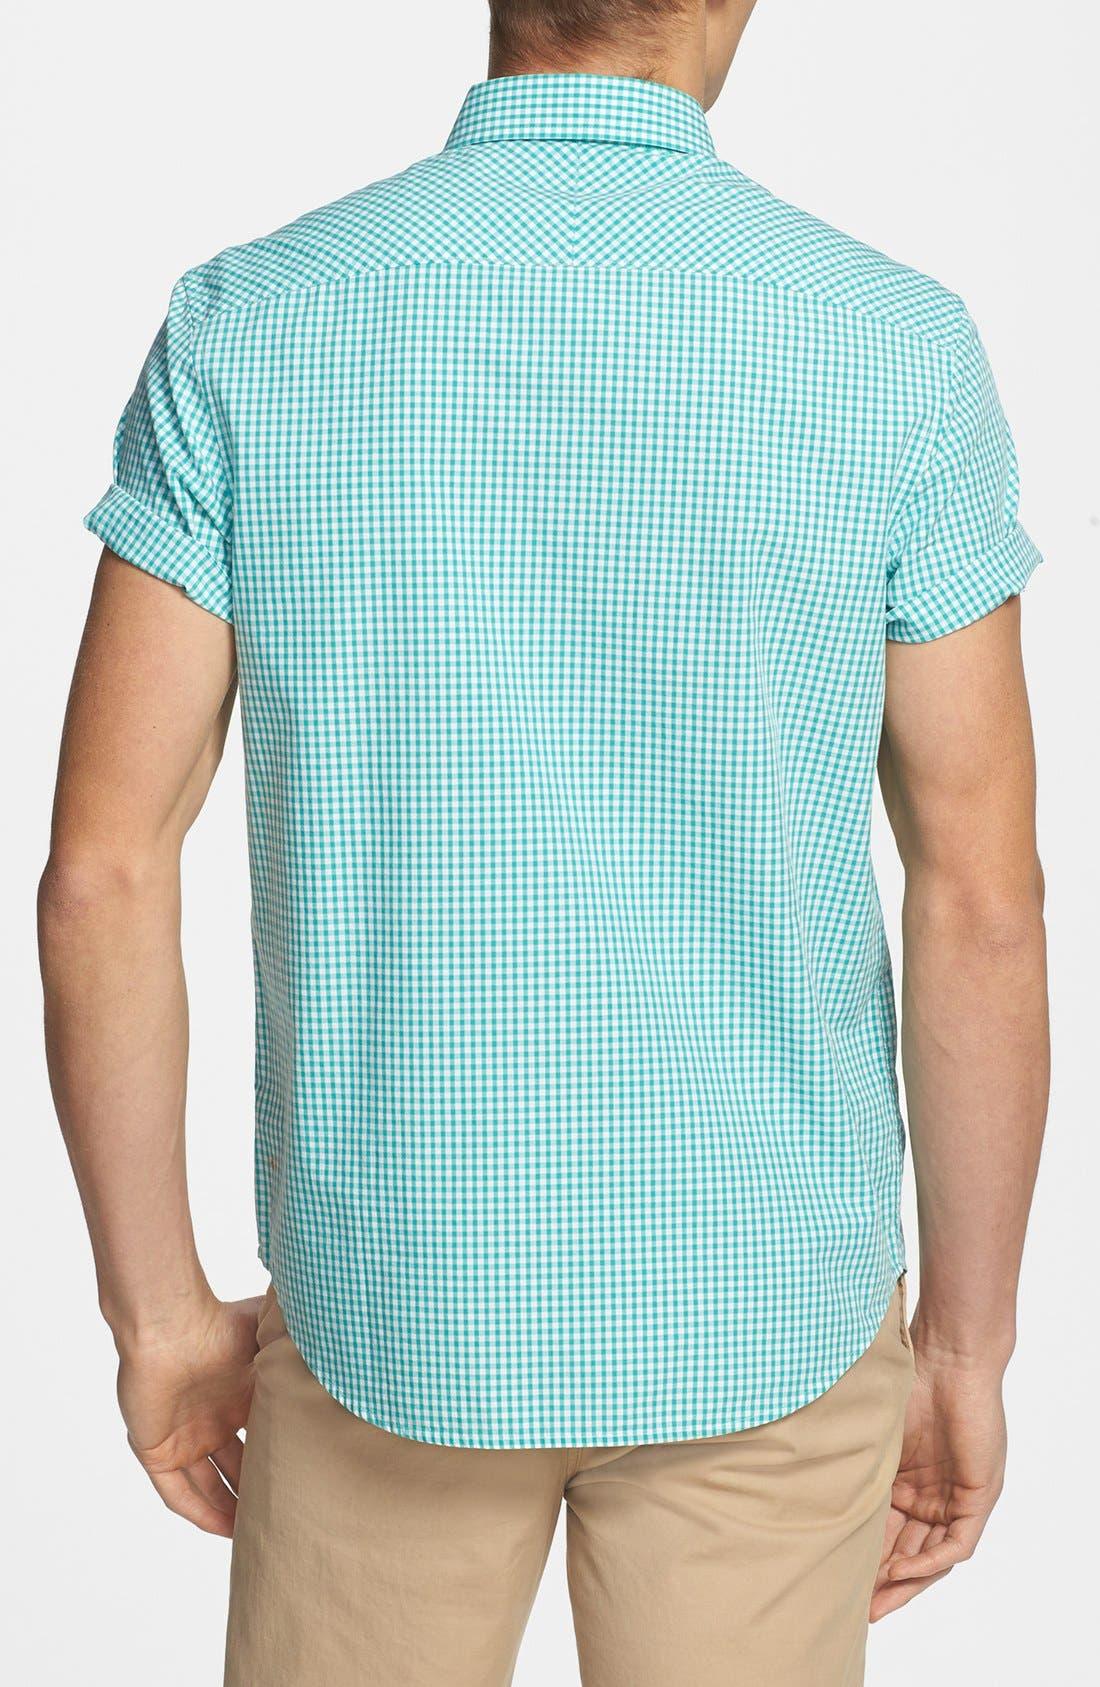 Alternate Image 3  - Original Penguin Short Sleeve Gingham Shirt